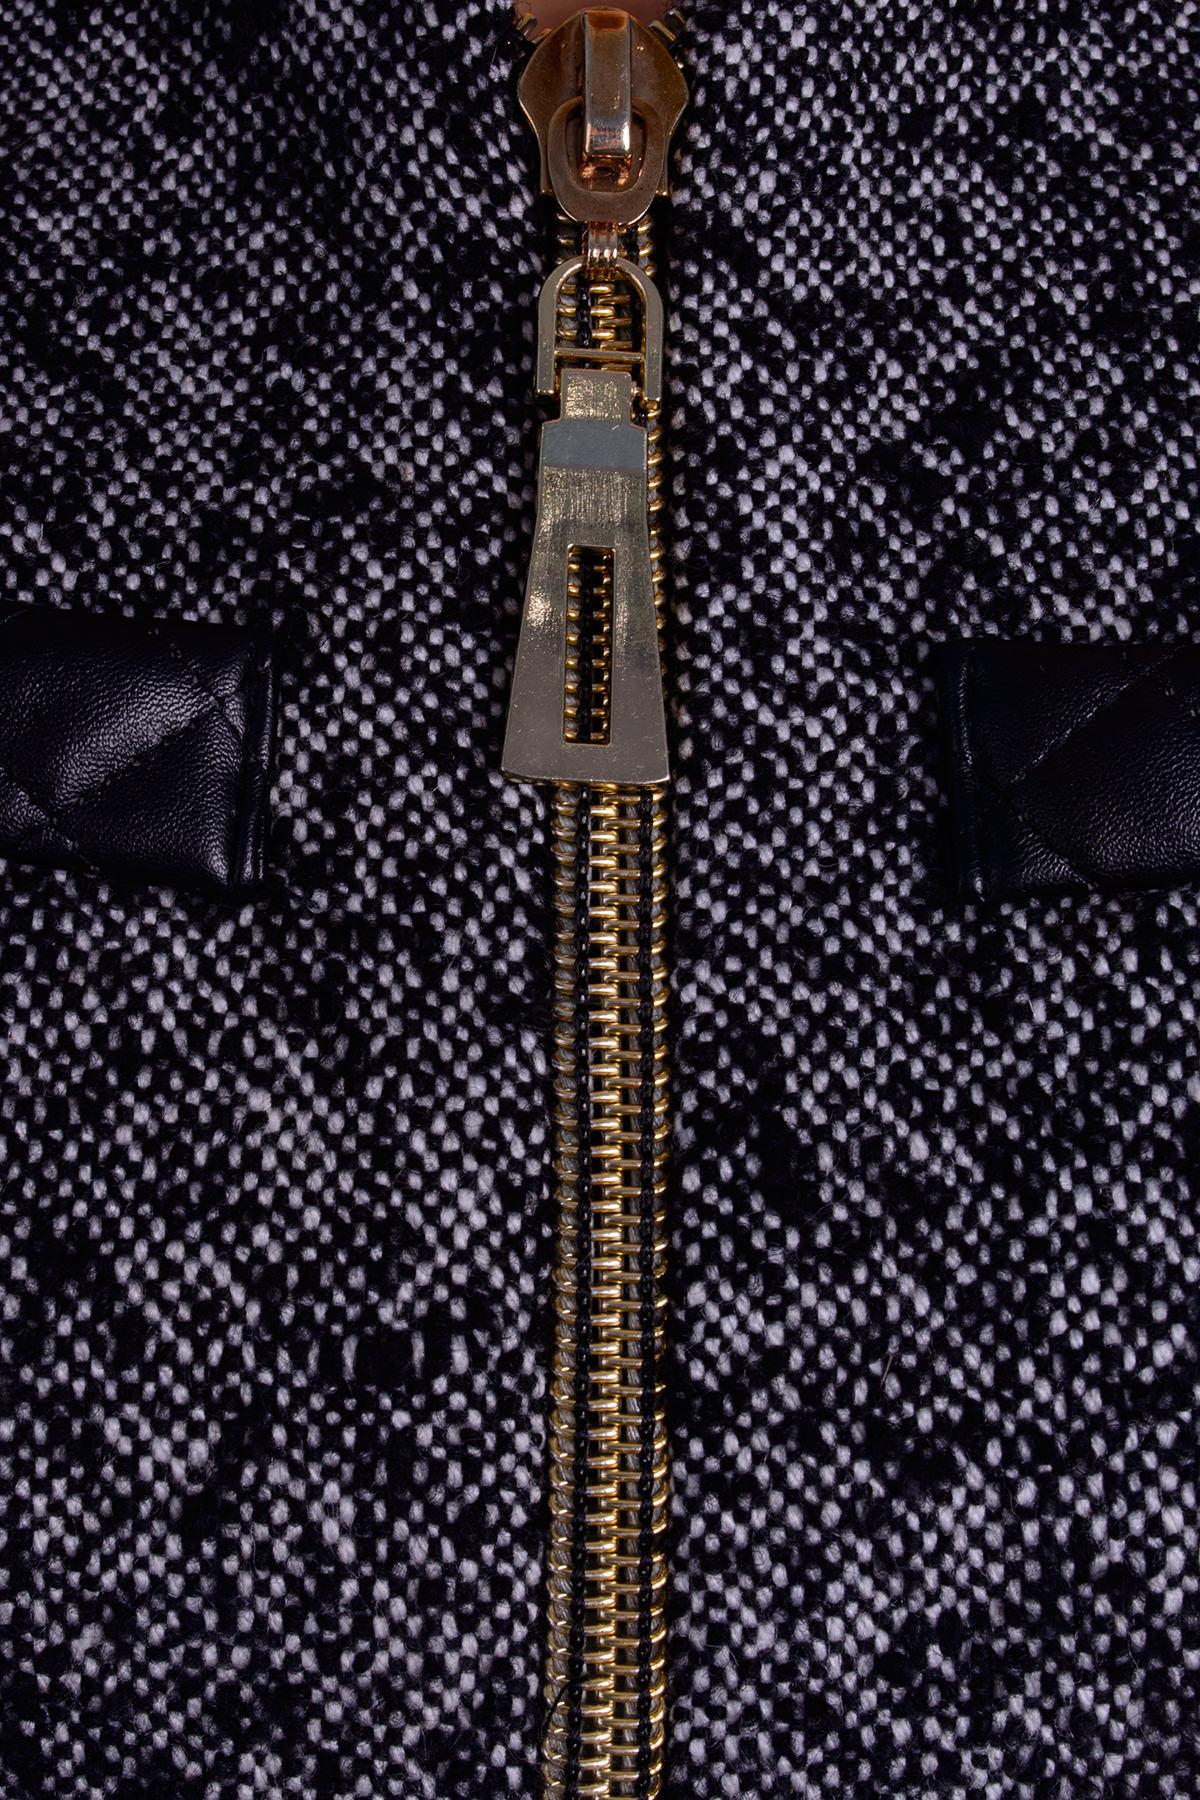 Пальто Инди шерсть АРТ. 5393 Цвет: Серый 1 меланж - фото 4, интернет магазин tm-modus.ru